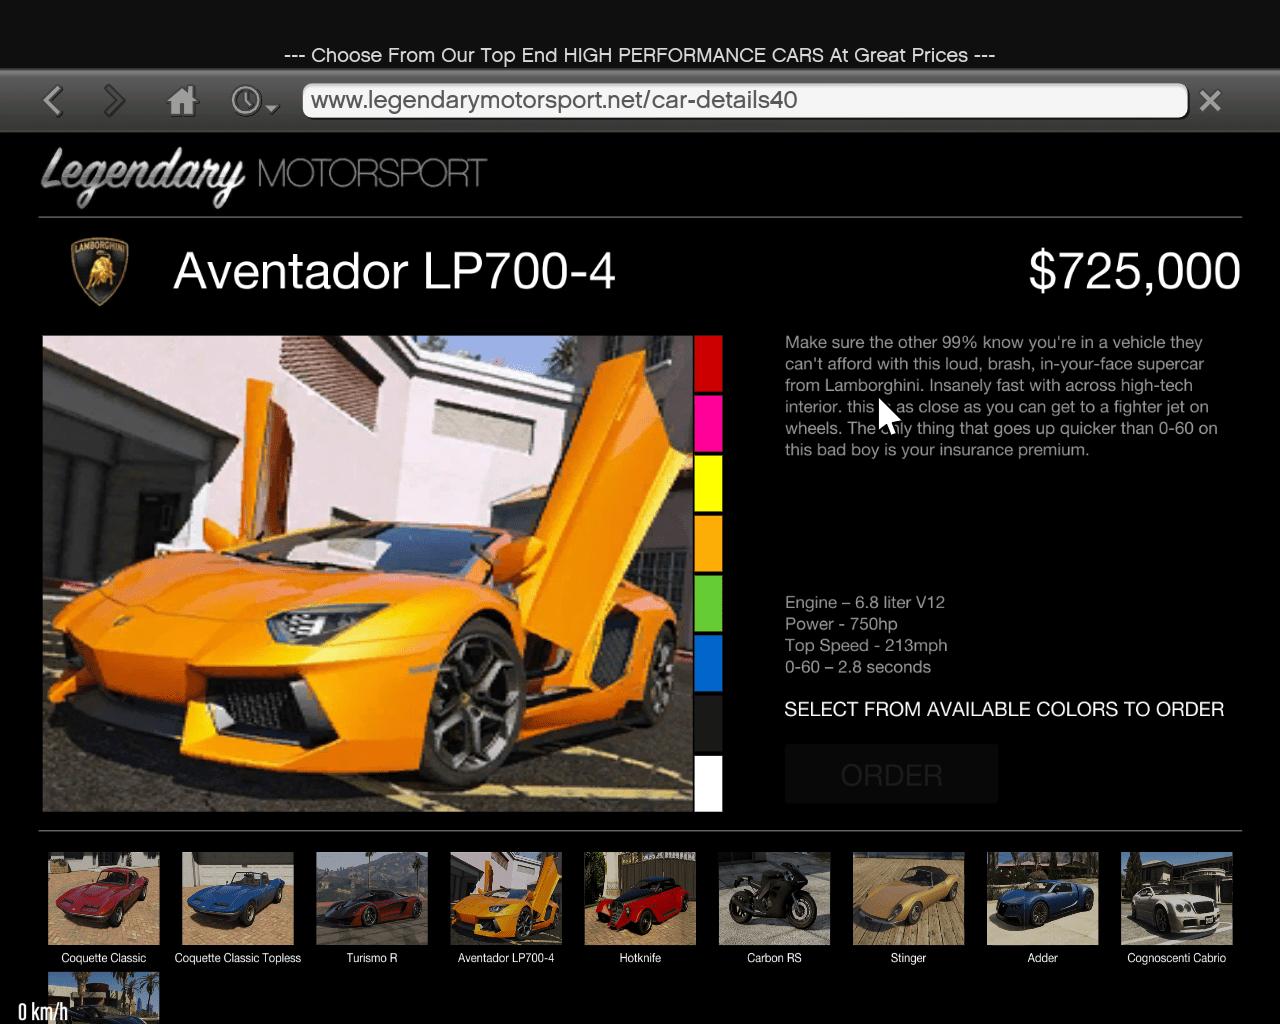 Real Cars For Legendary Motorsport Website